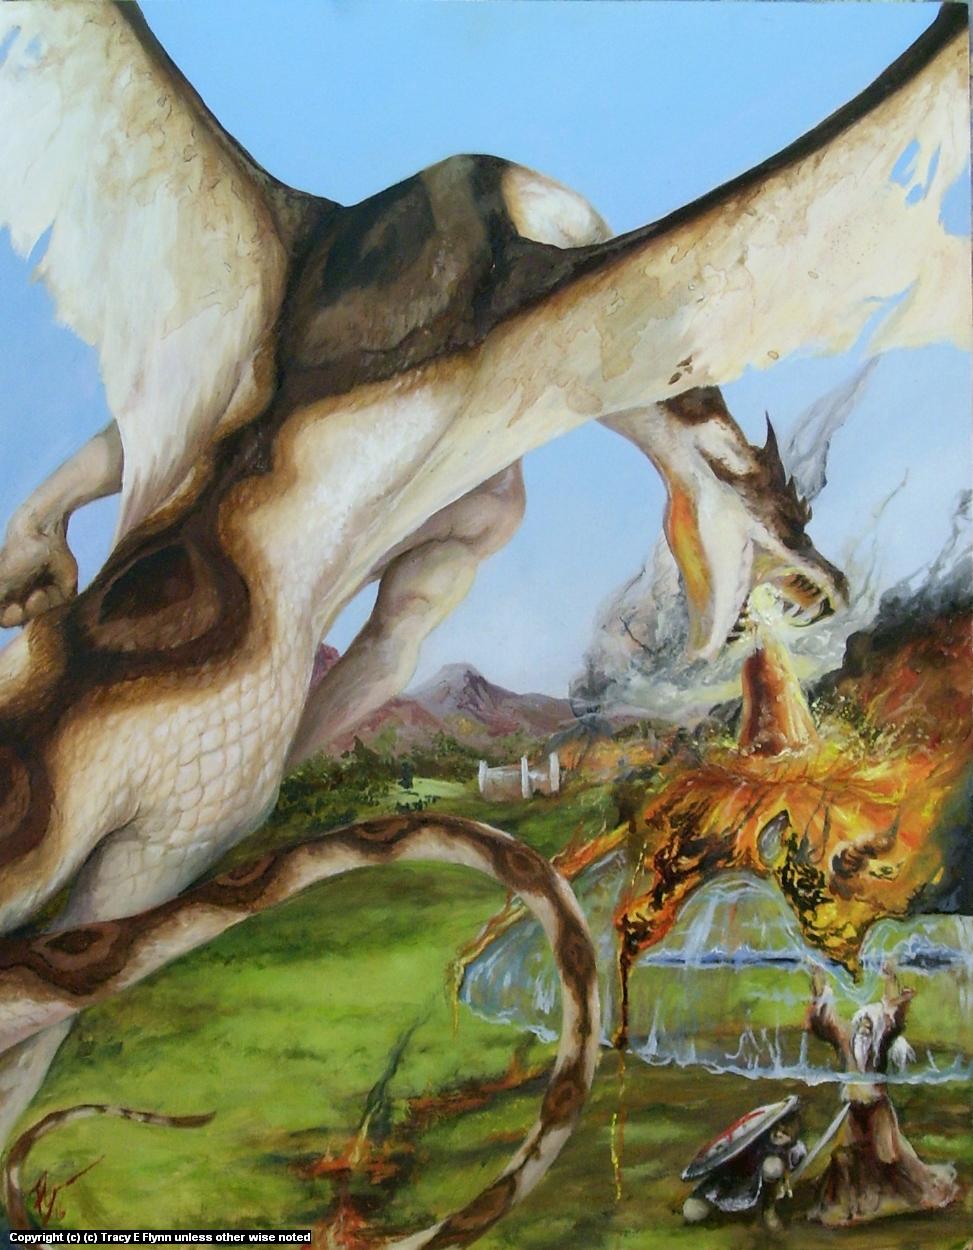 DRAGONS BREATH Artwork by Tracy E Flynn